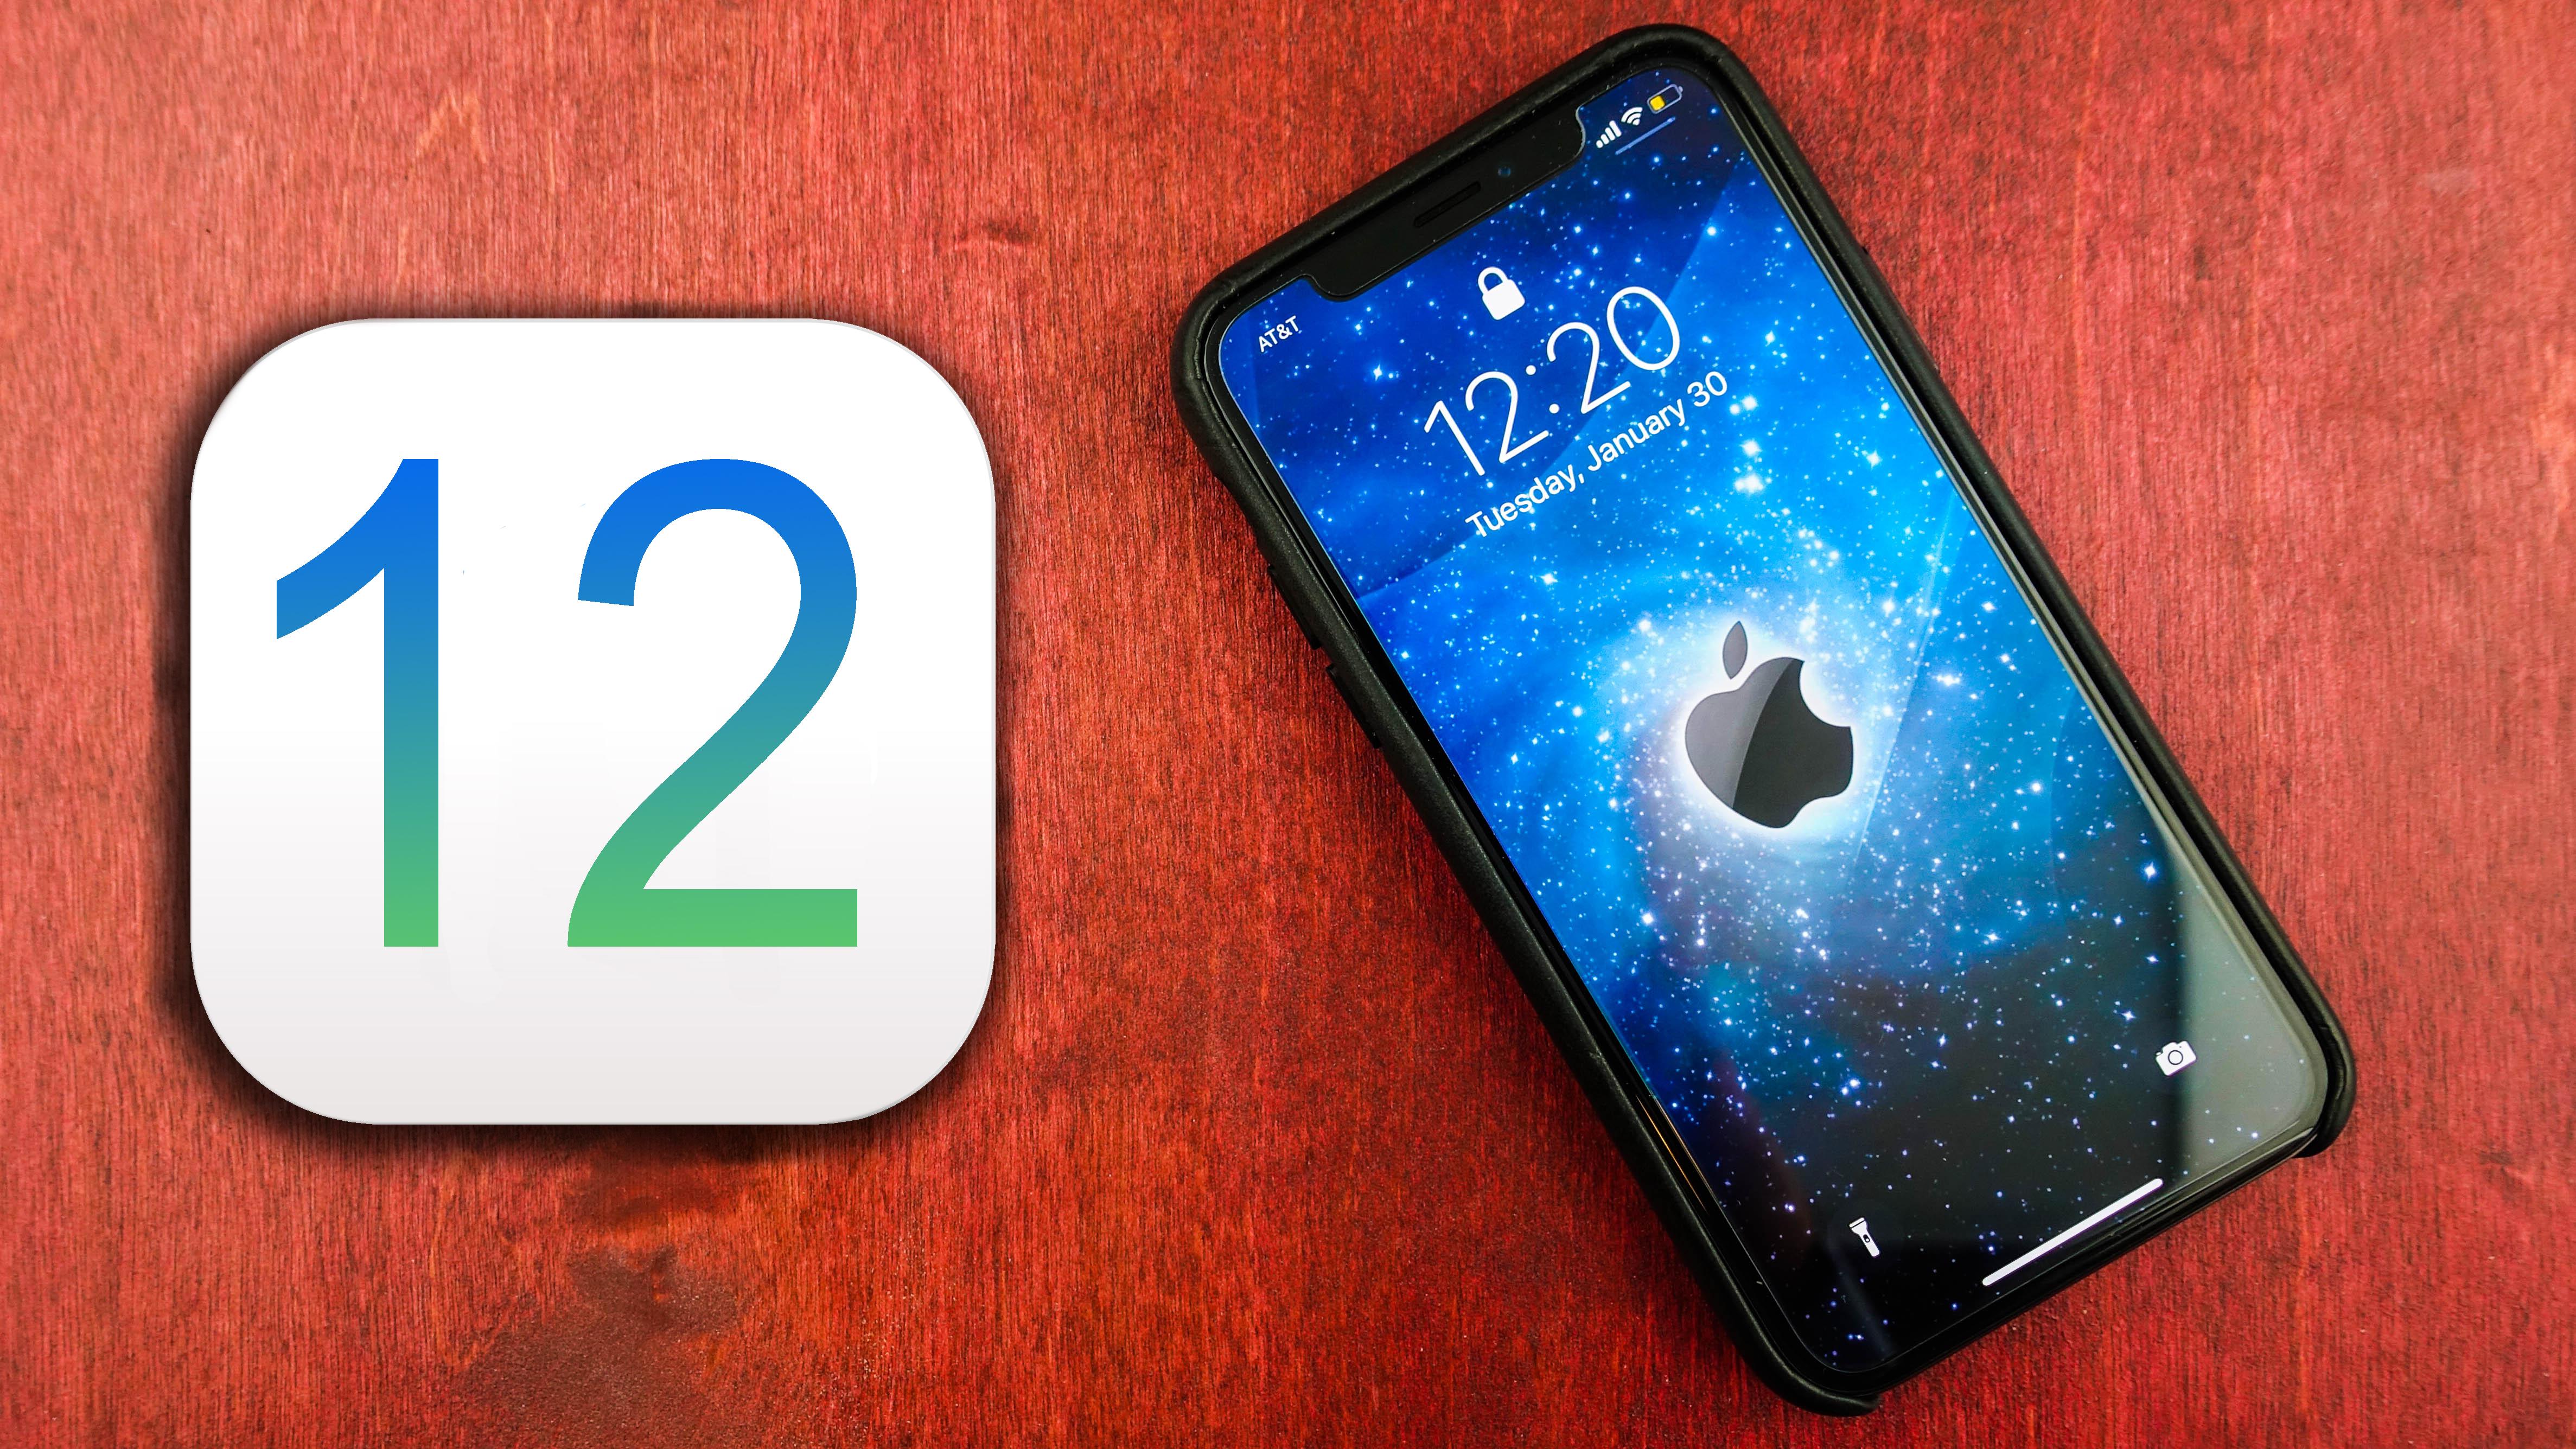 ابل تكشف رسمياً عن iOS 12 مع التركيز على الأداء والواقع المعزز